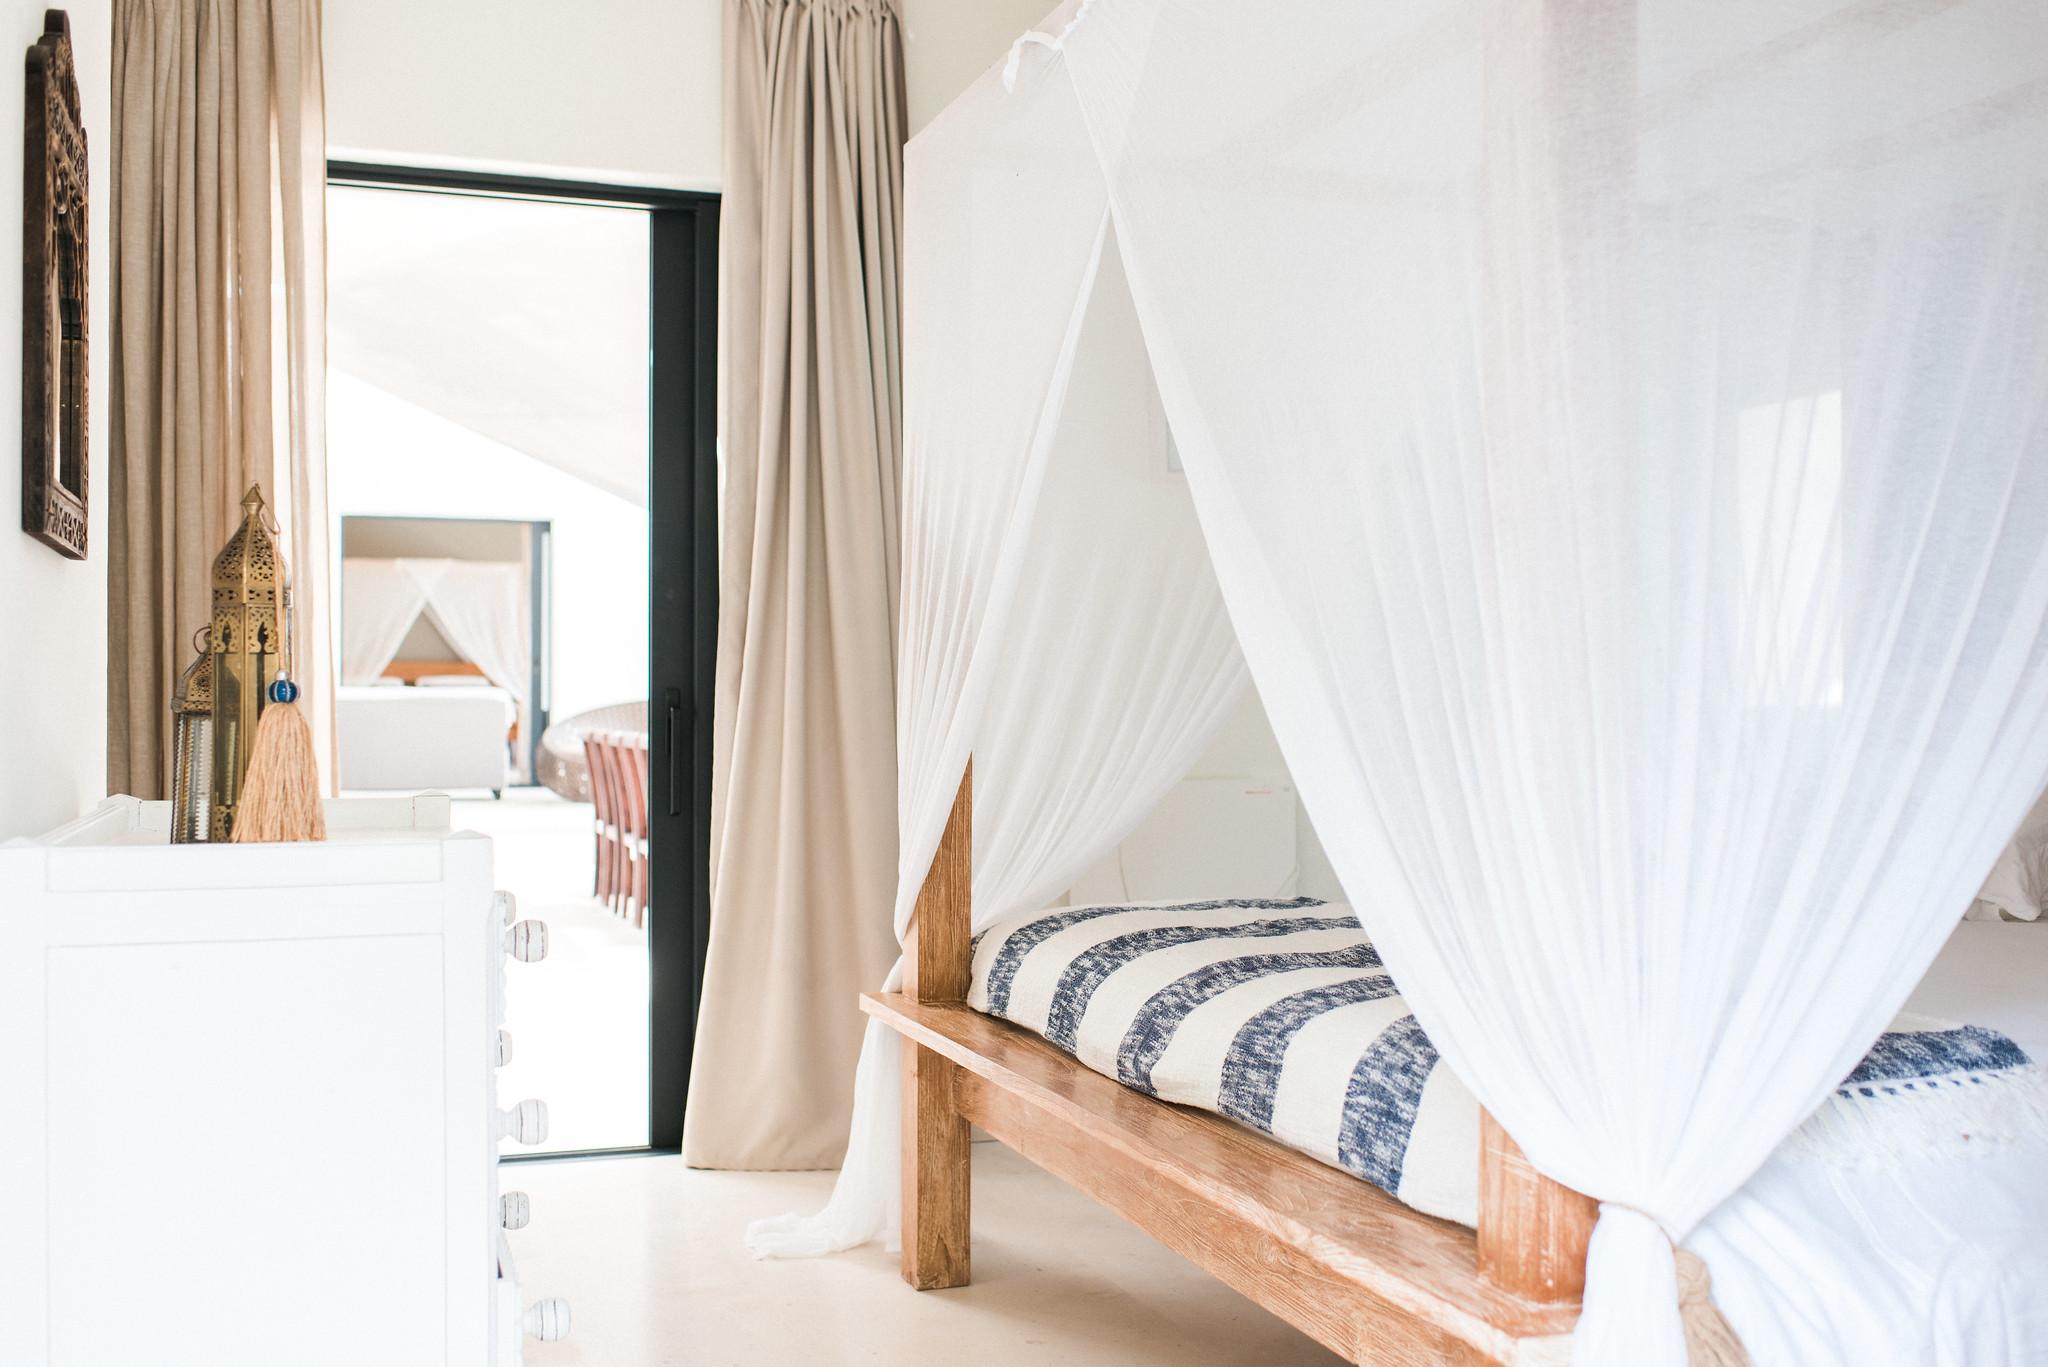 https://www.white-ibiza.com/wp-content/uploads/2020/05/white-ibiza-villas-casa-estrella-interior-double-room.jpg